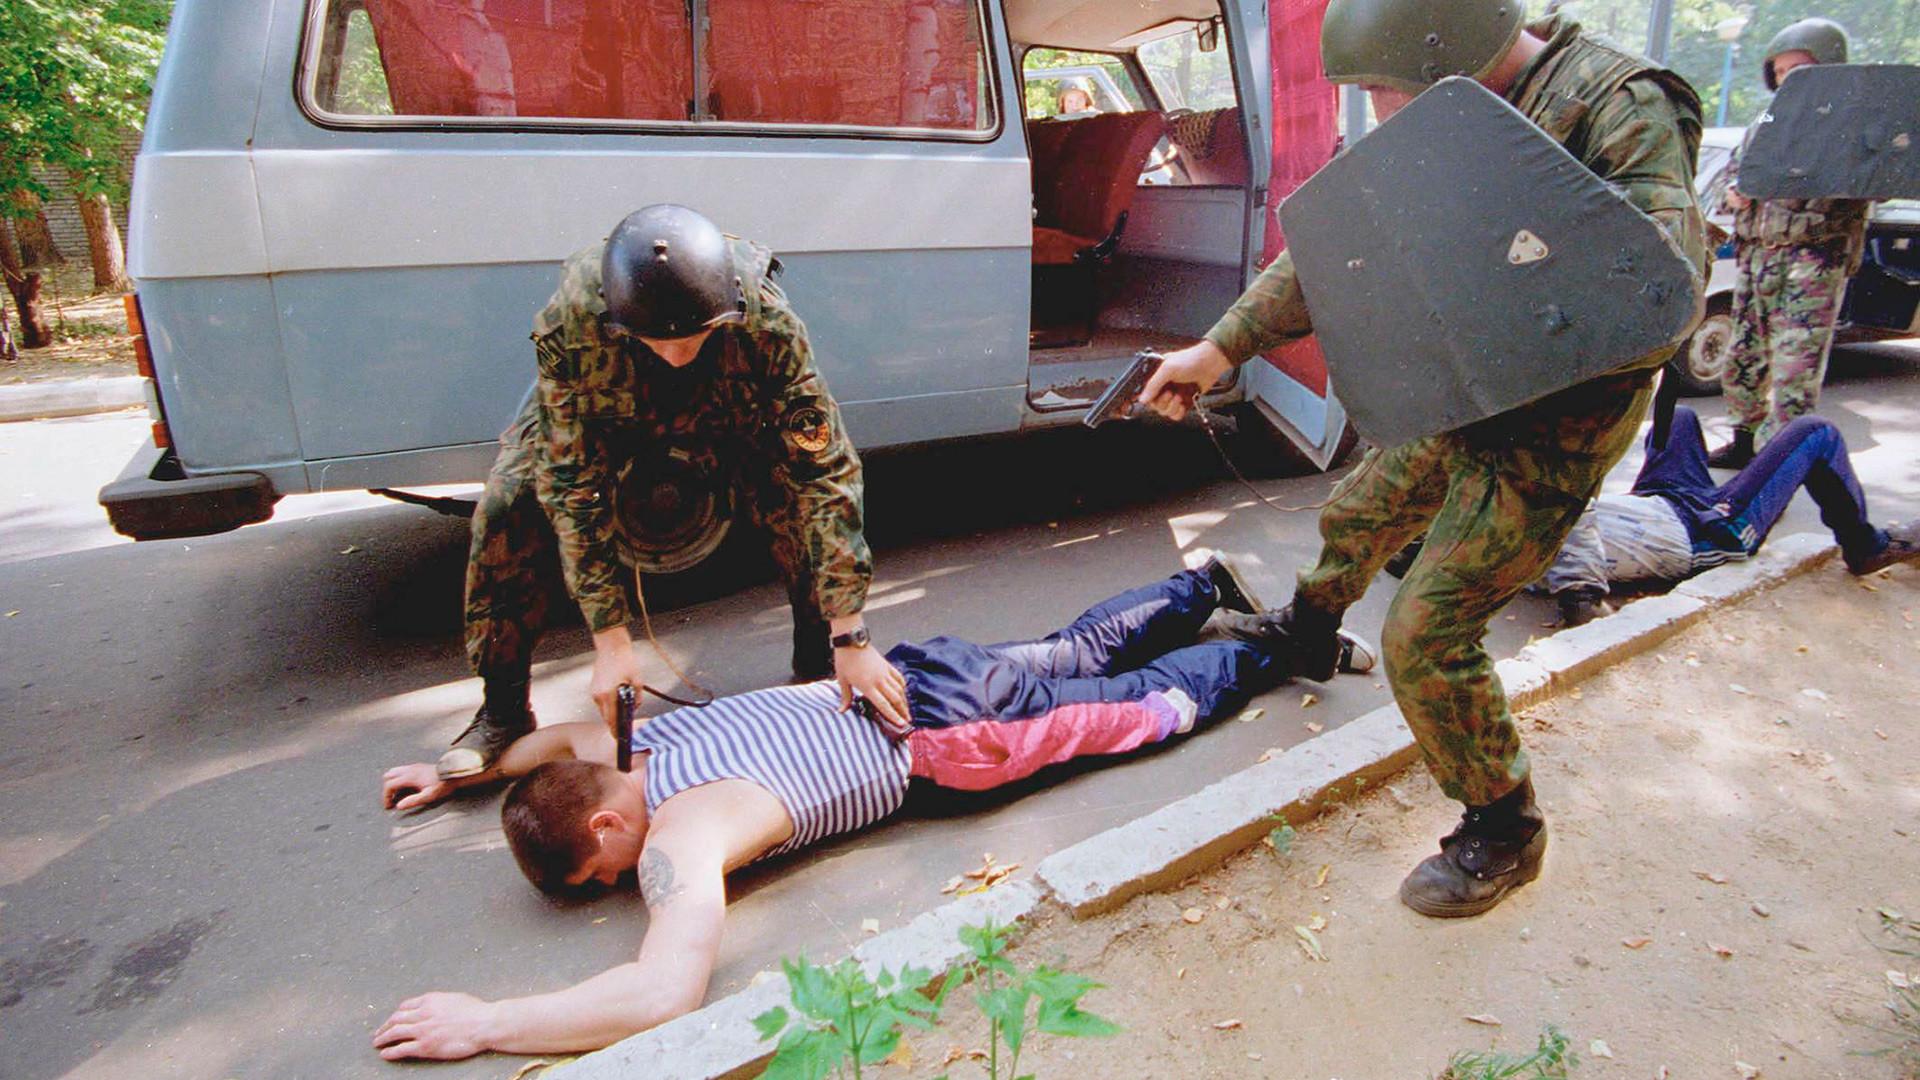 ОМОН - полицейски отряд със специално предназначение, арестува заподозрян крадец на автомобили от мафията